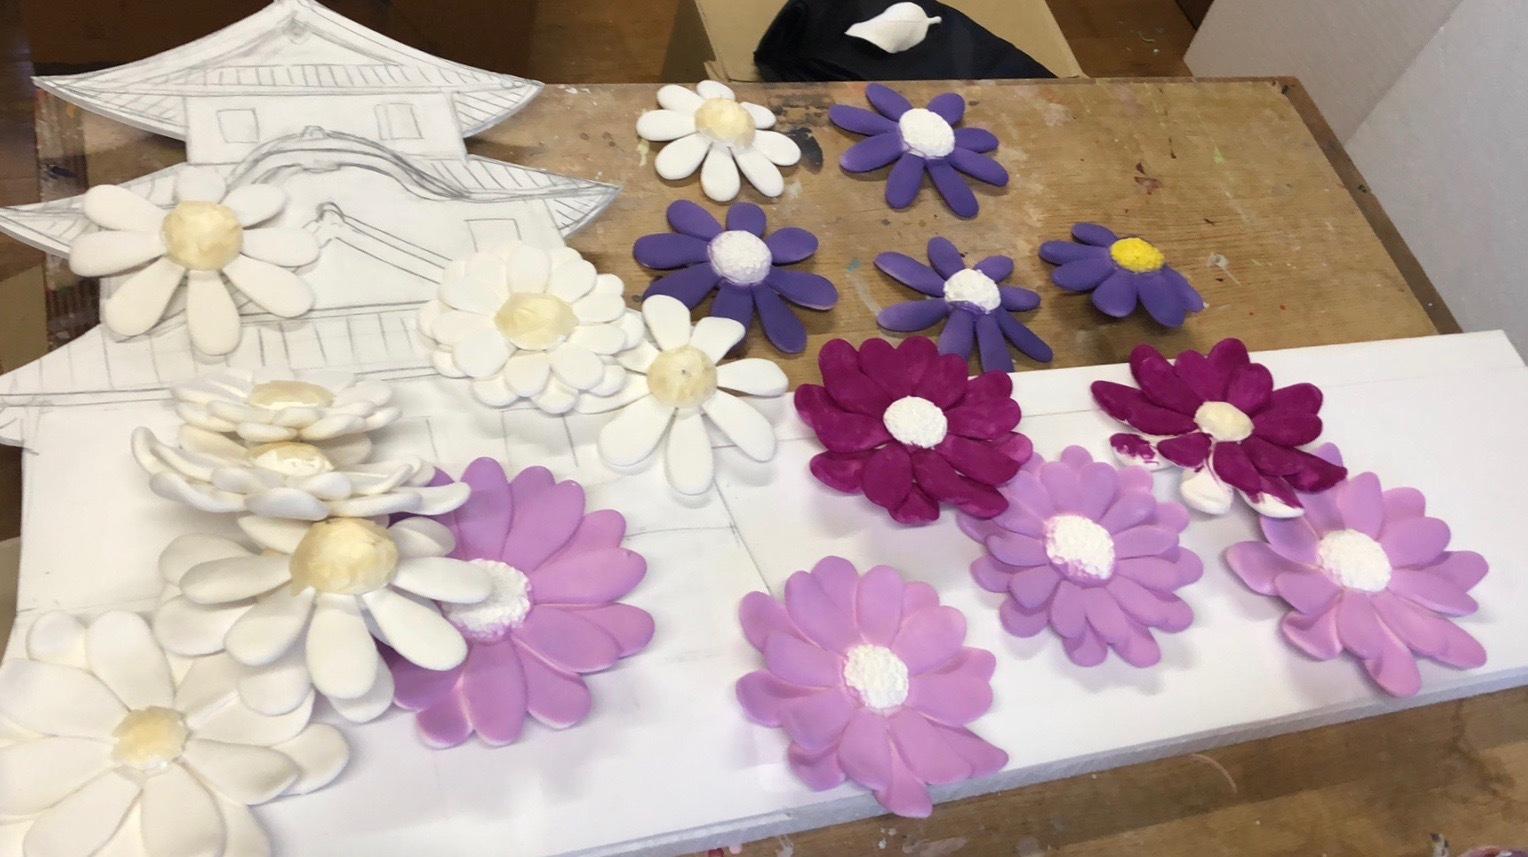 粘土作品制作過程 「明石城と菊の花」_f0395434_00563634.jpg